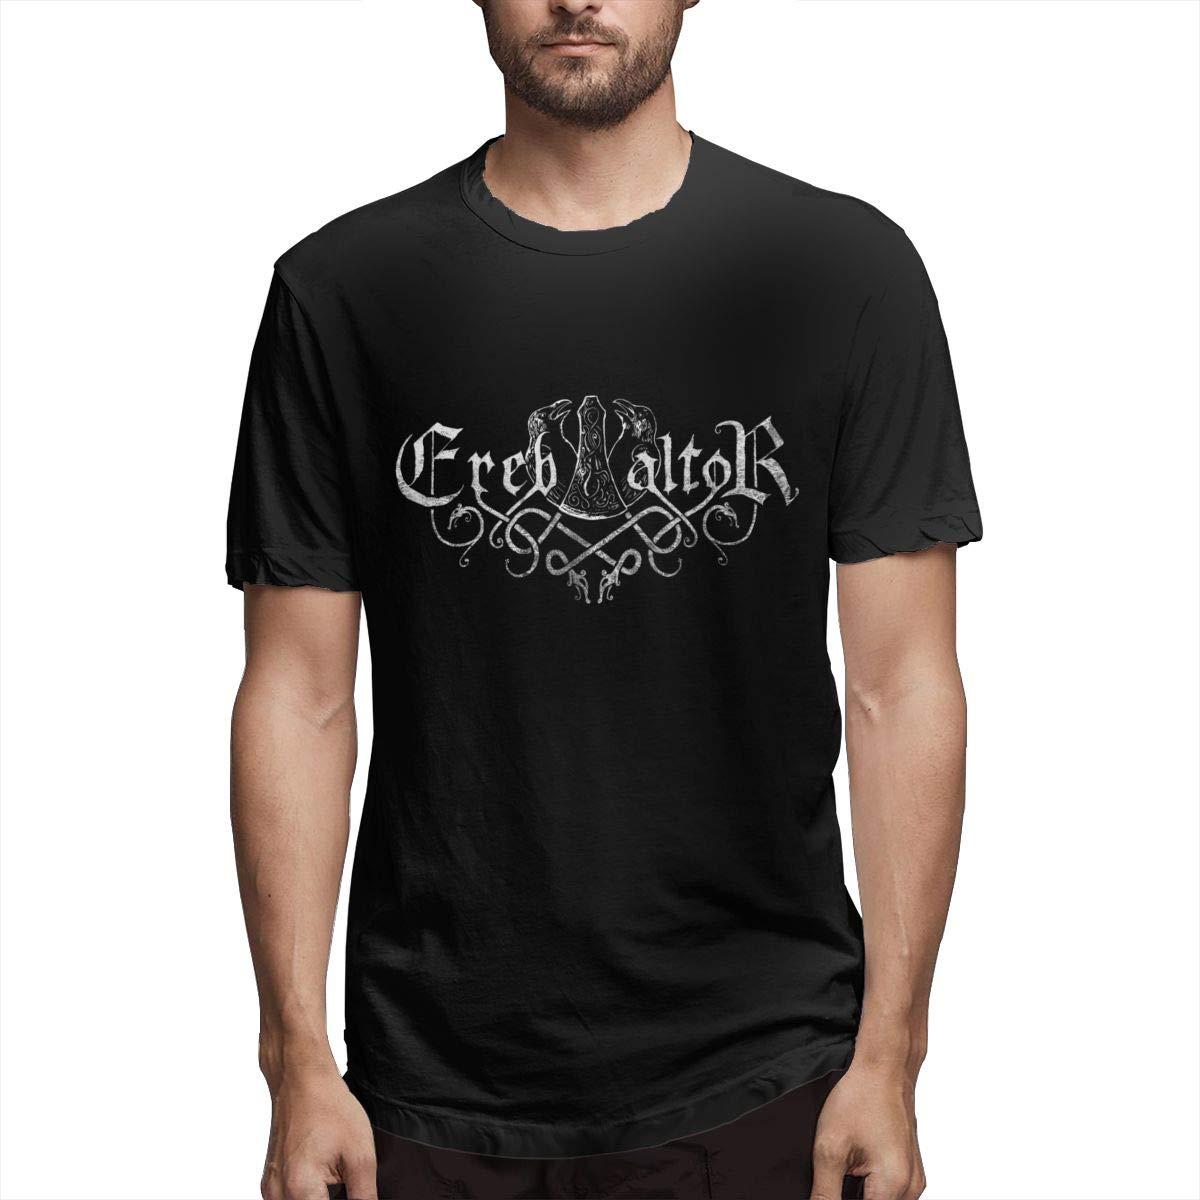 Lihehen S Ereb Altor Logo Fashion Leisure Round Neck T Shirt